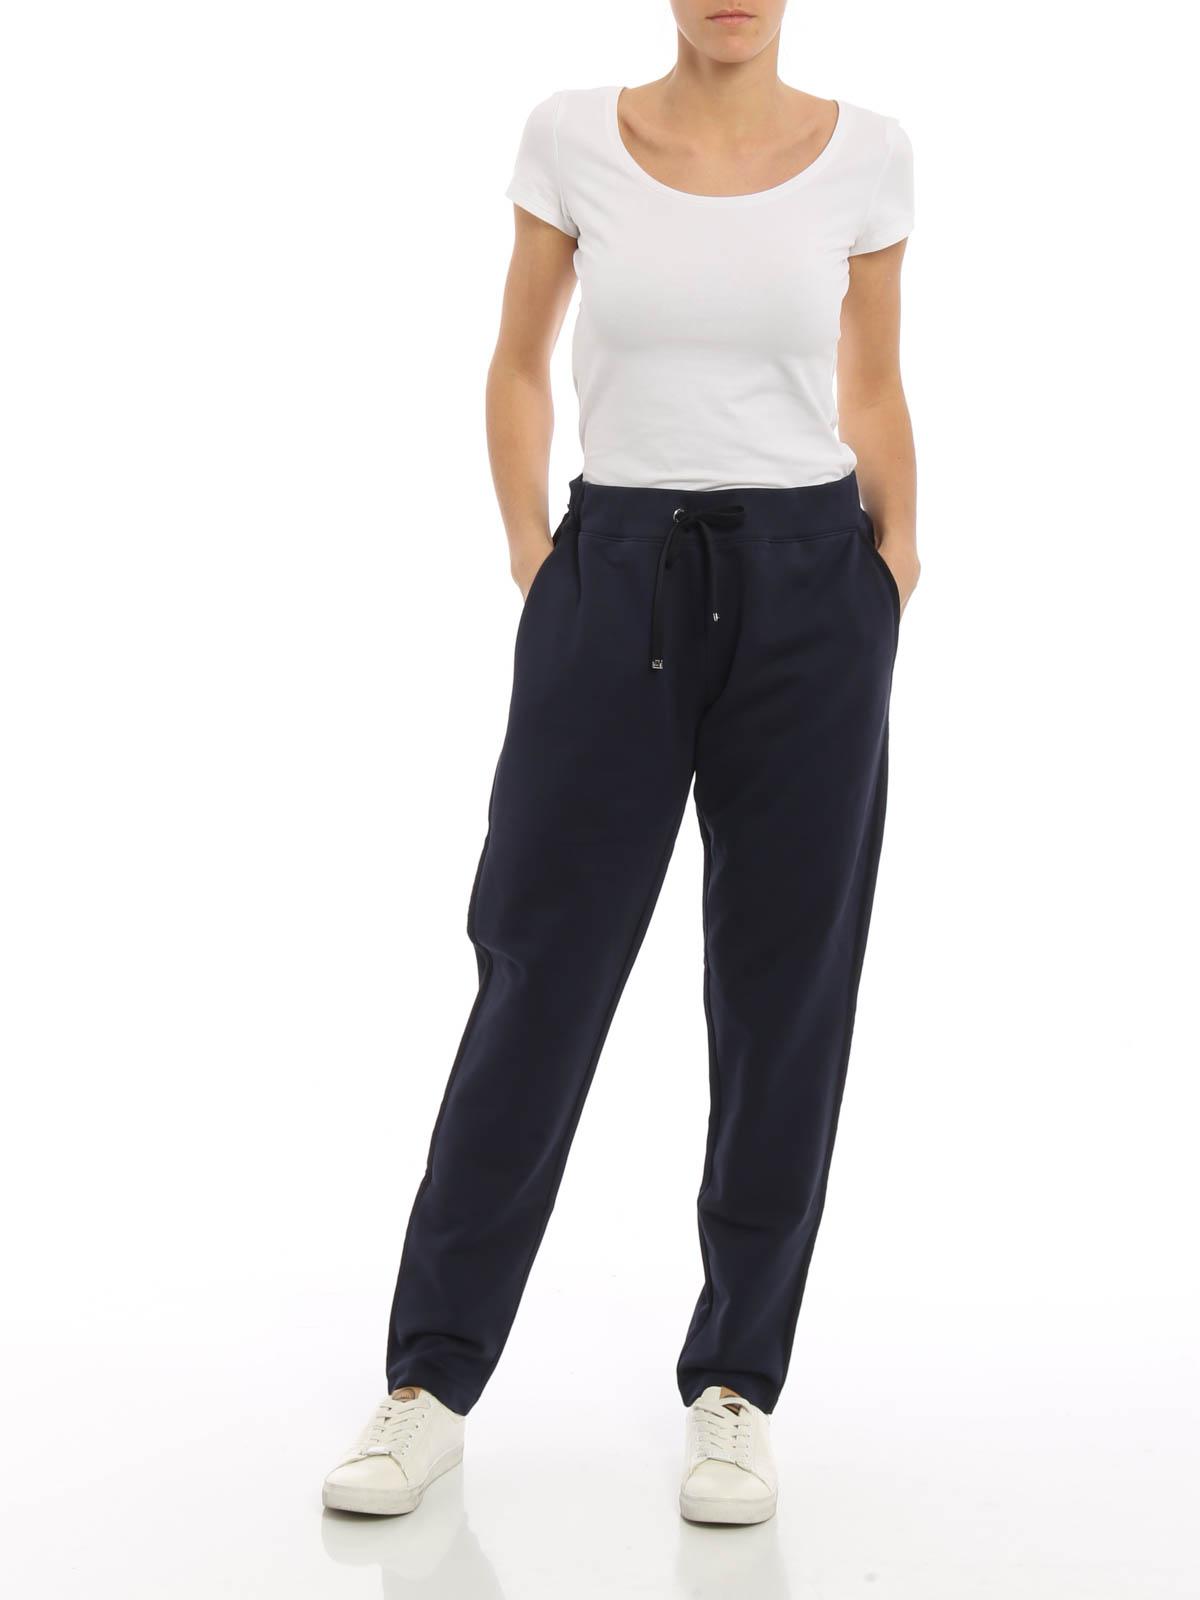 Moncler Pantalones De Chᄄᄁndal salon